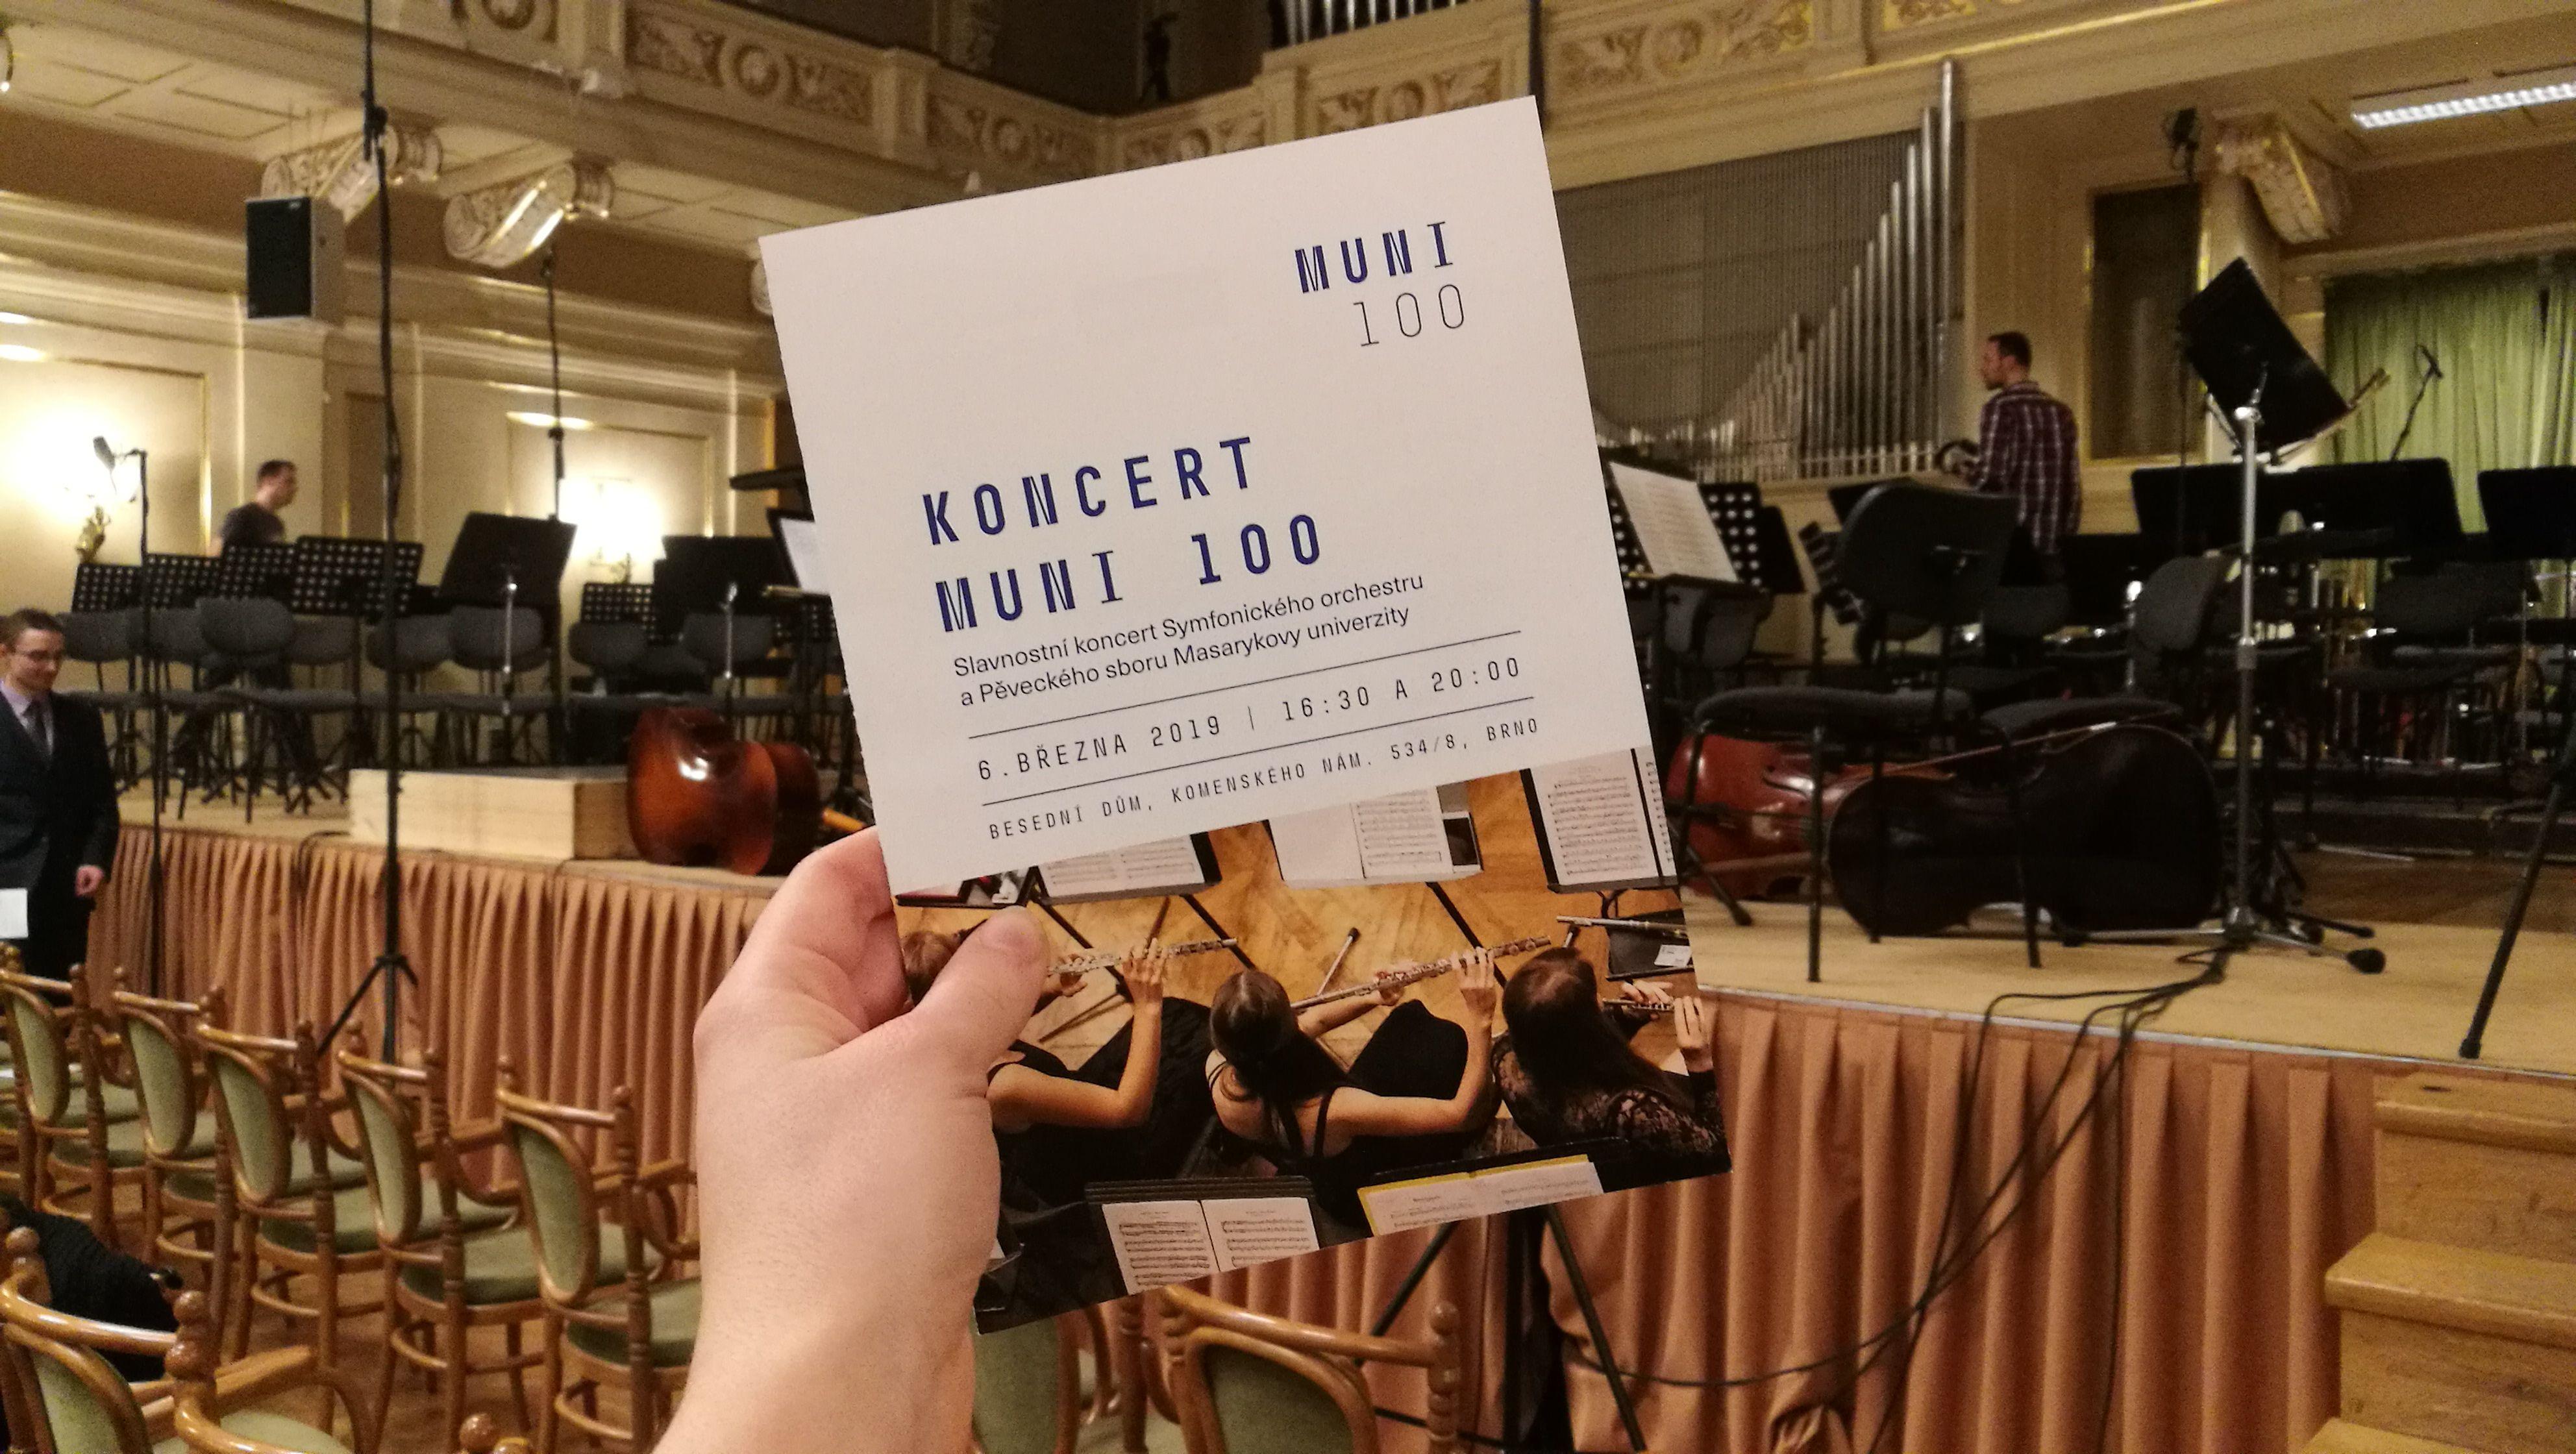 Koncert sa konal pri príležitosti osláv stého založenia Masarykovej univerzity